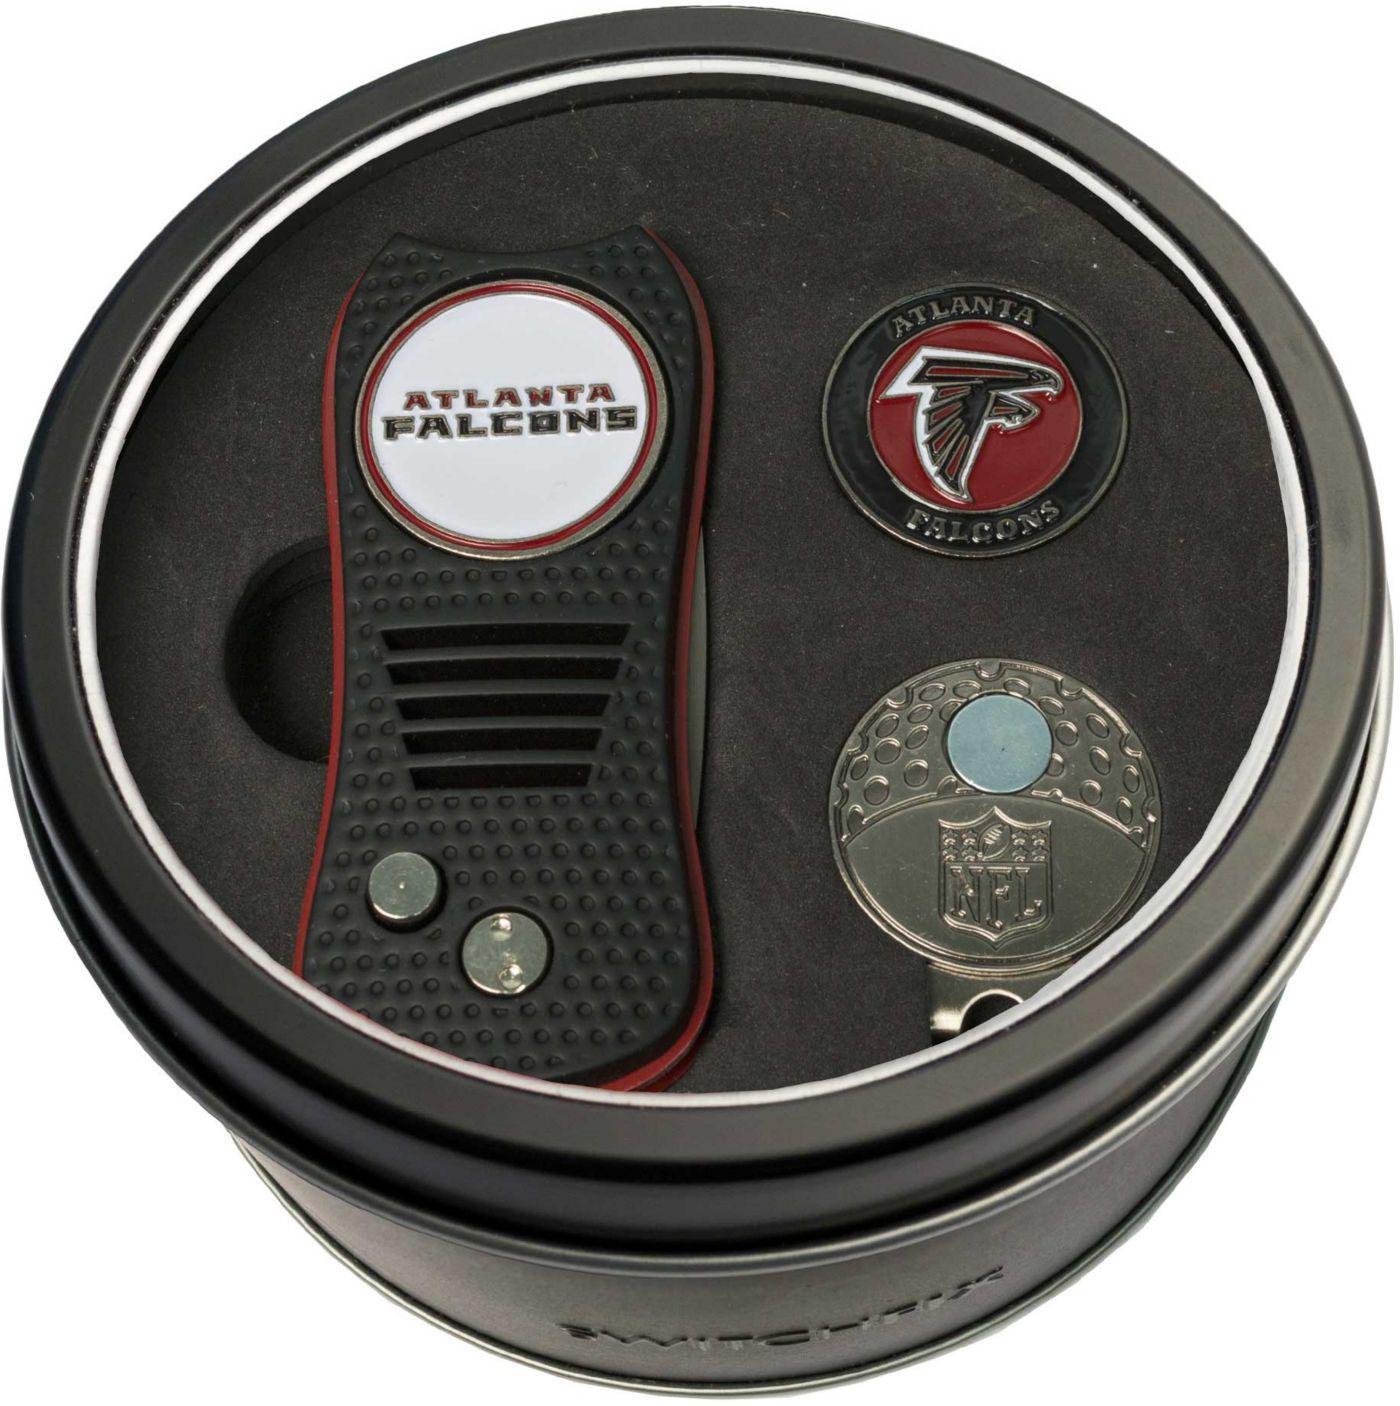 Team Golf Atlanta Falcons Switchfix Divot Tool and Cap Clip Set